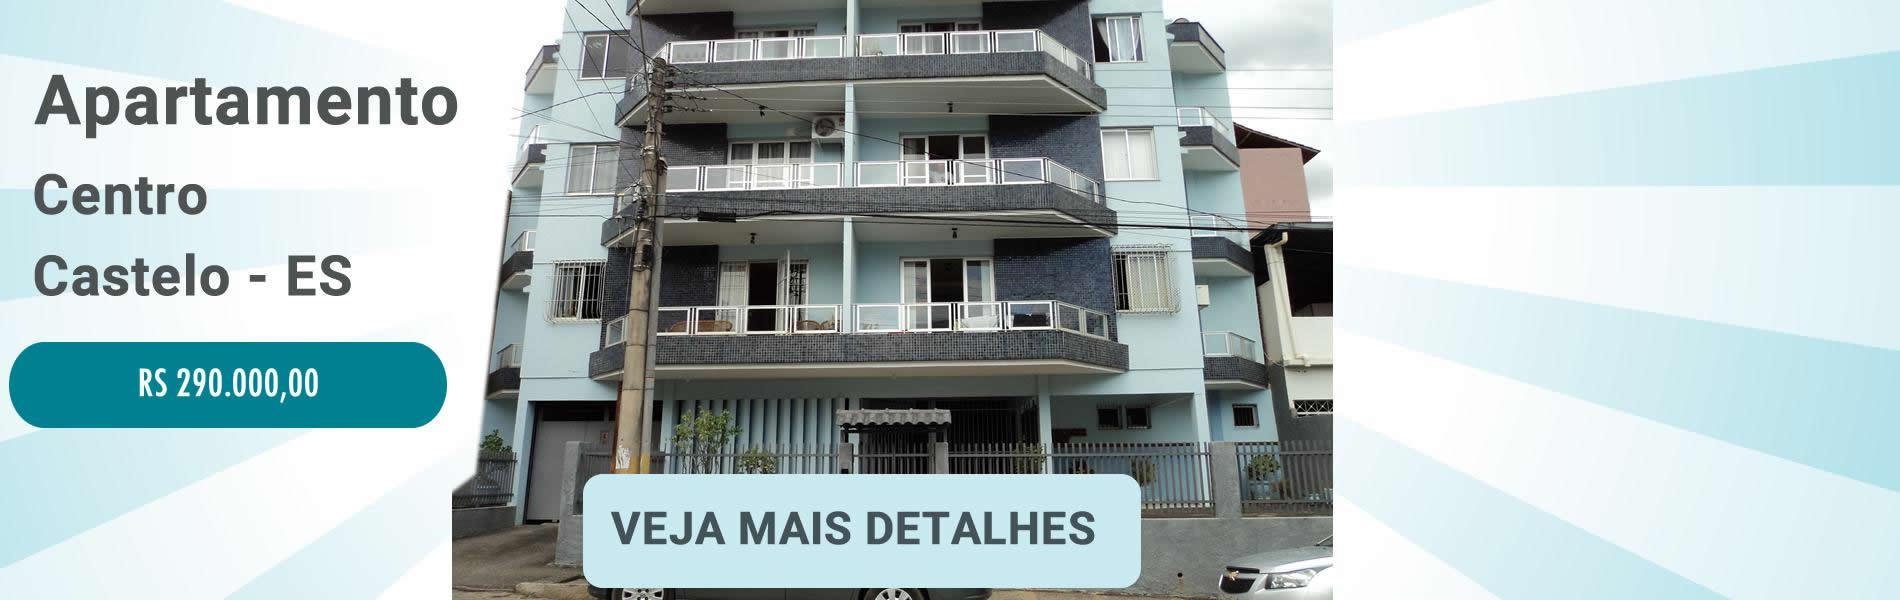 Apartamento no Centro de Castrelo